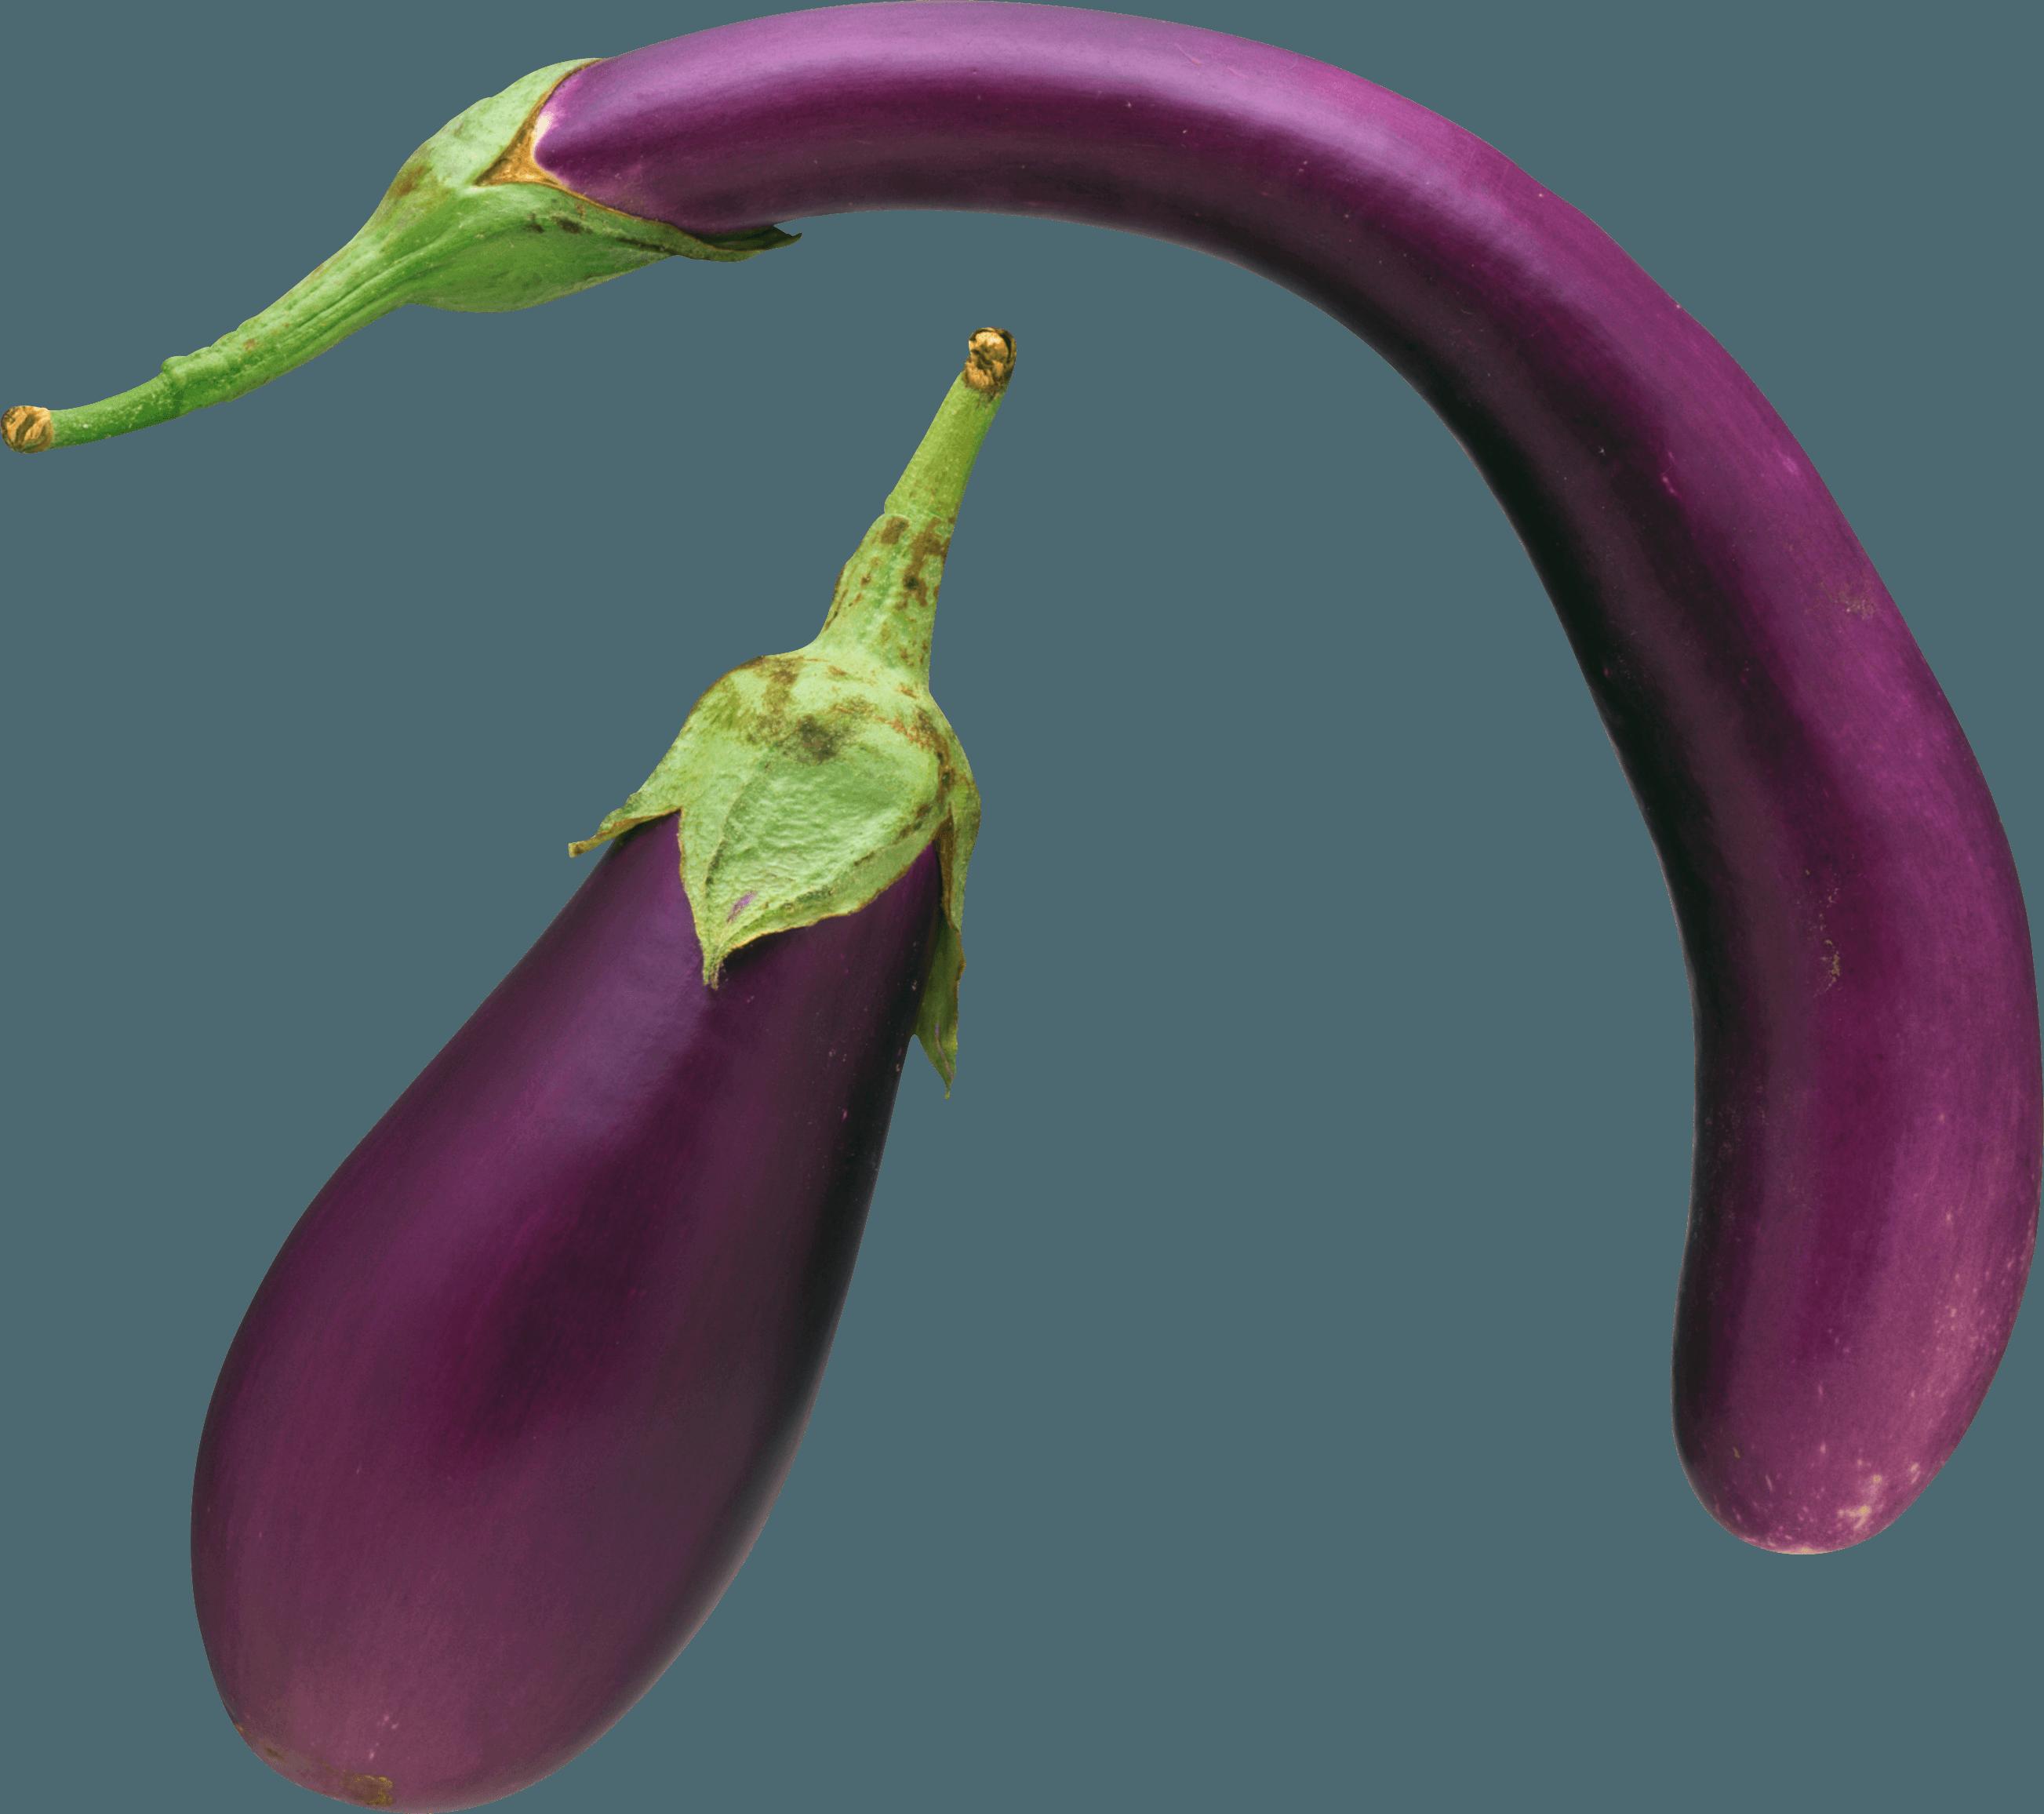 Eggplant PNG-PlusPNG.com-2606 - Eggplant PNG